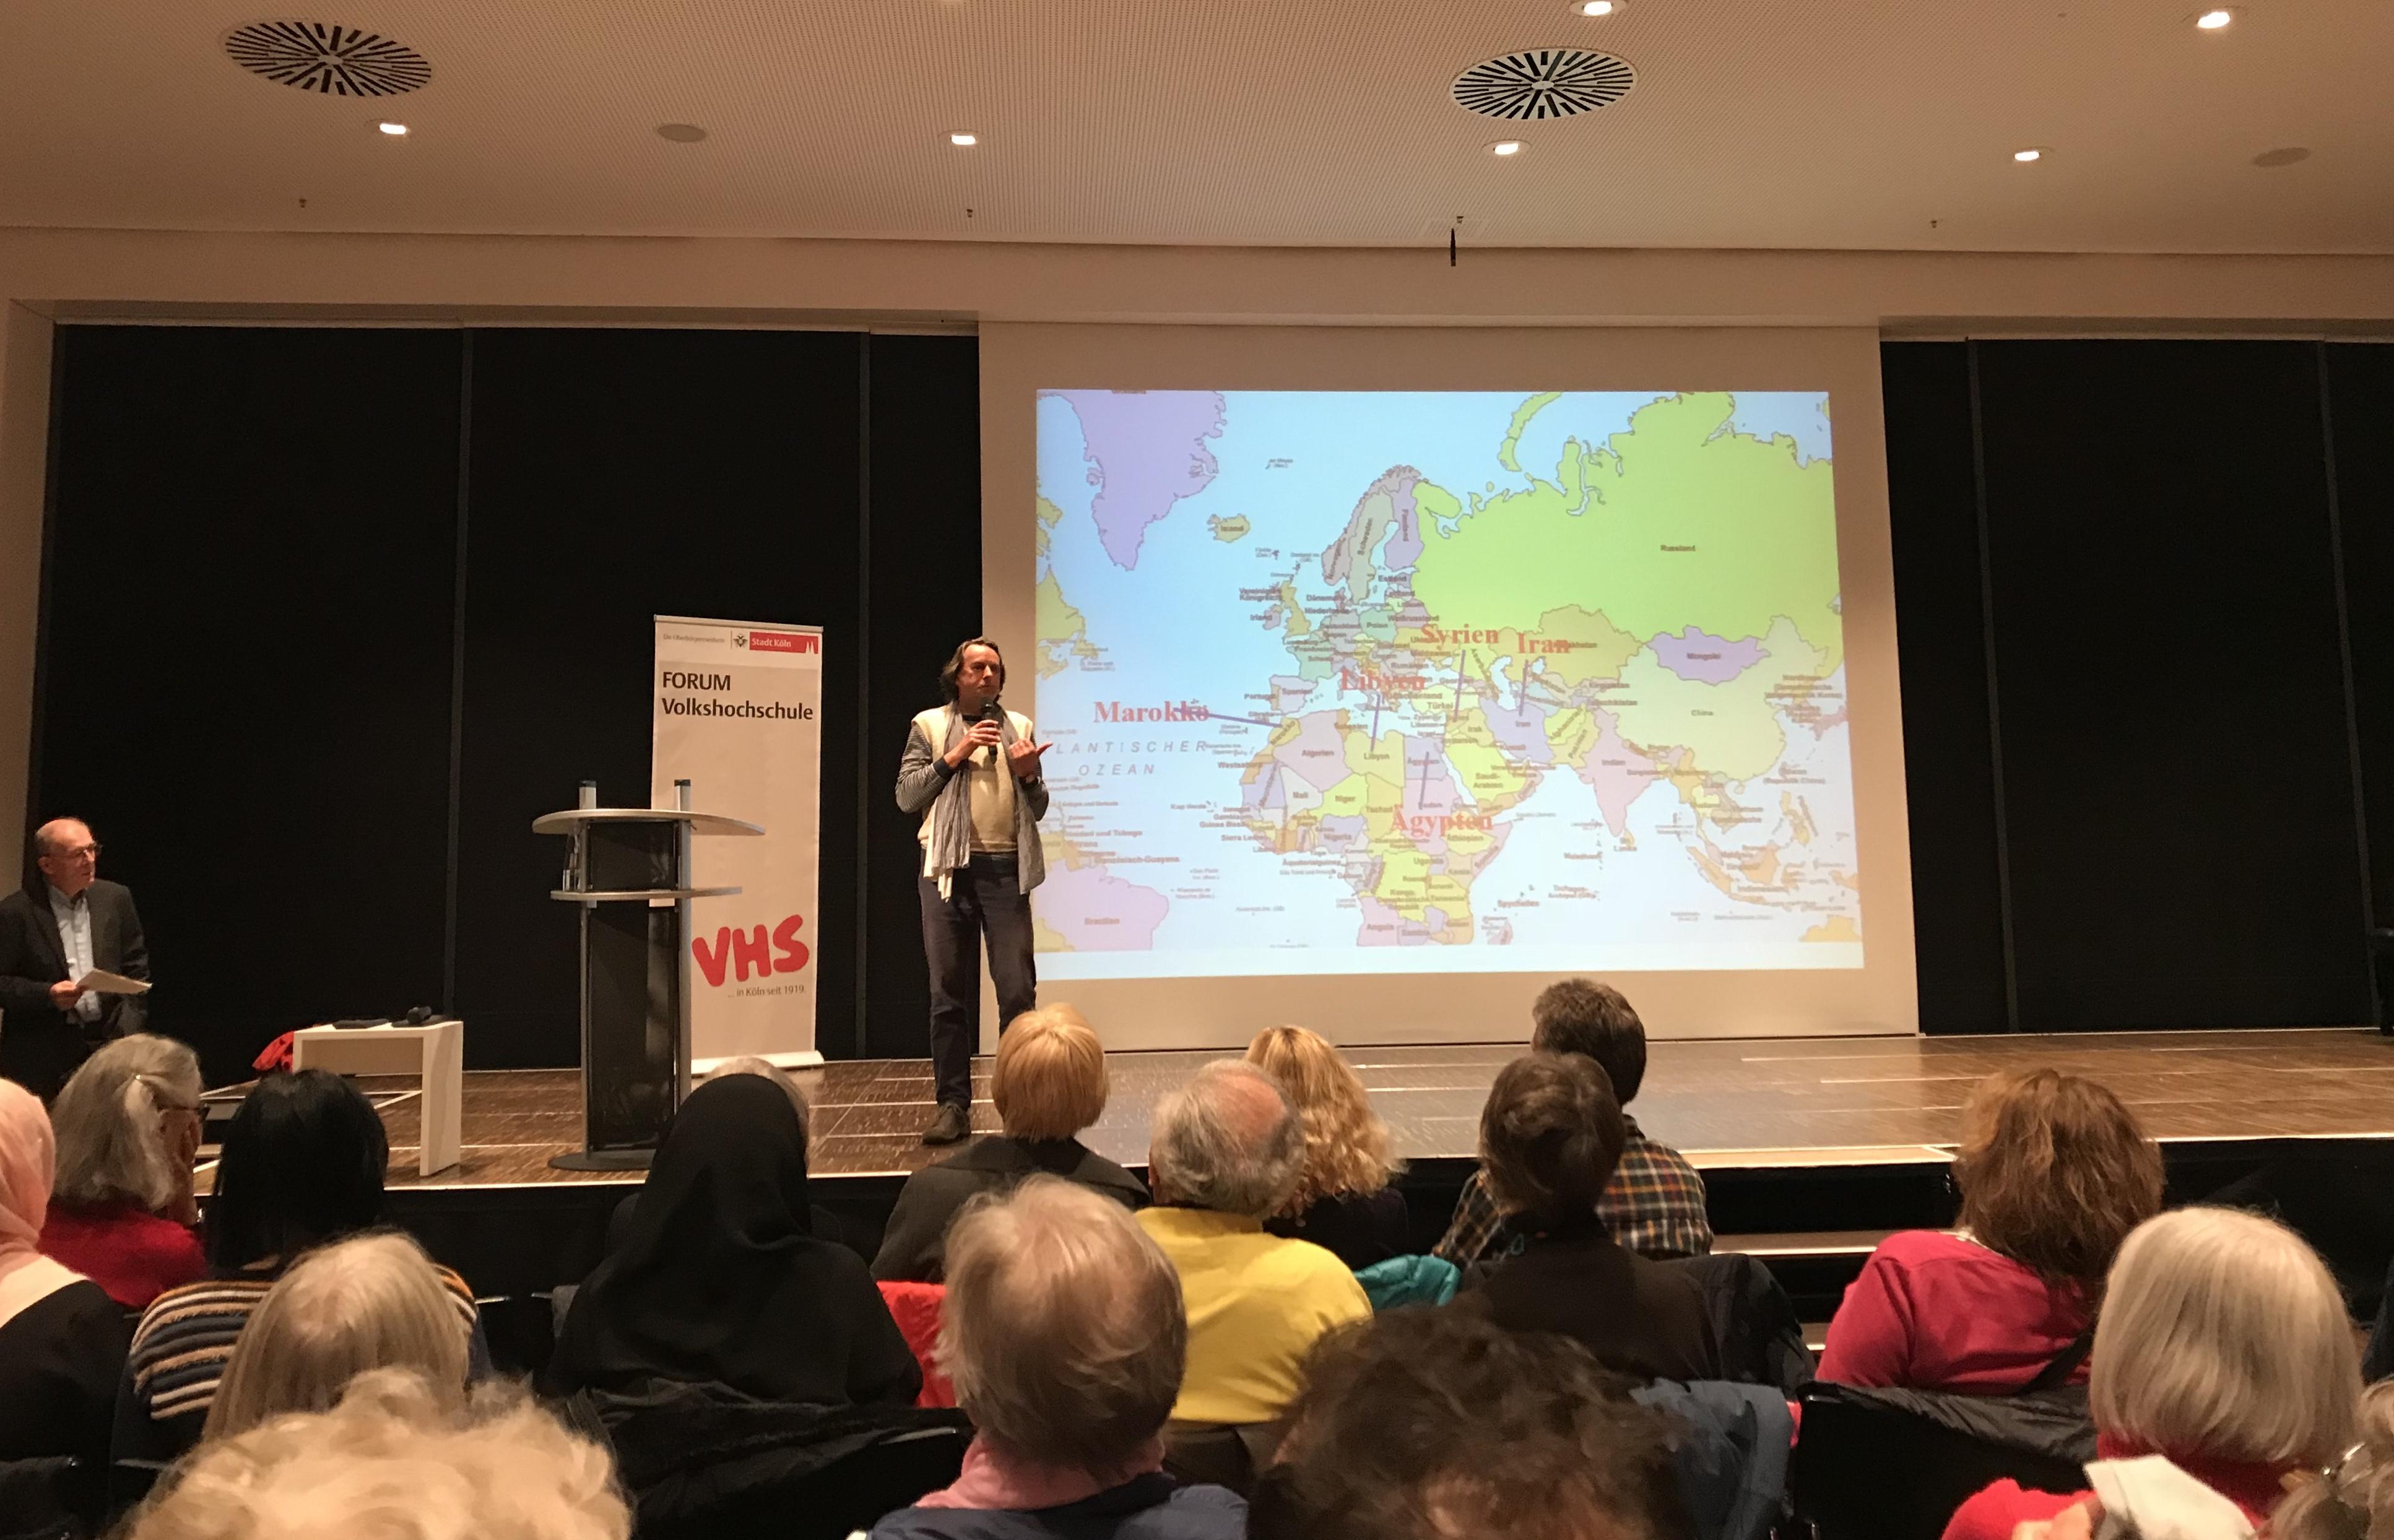 Roland steht auf der Bühne, im Hintergrund eine große Übersichtskarte über das östliche Mittelmeer und den Nahen und Mittleren Osten. Andreas Zumach steht links vor der Bühne. Im Vordergrund die sitzenden Zuschauerreihen.